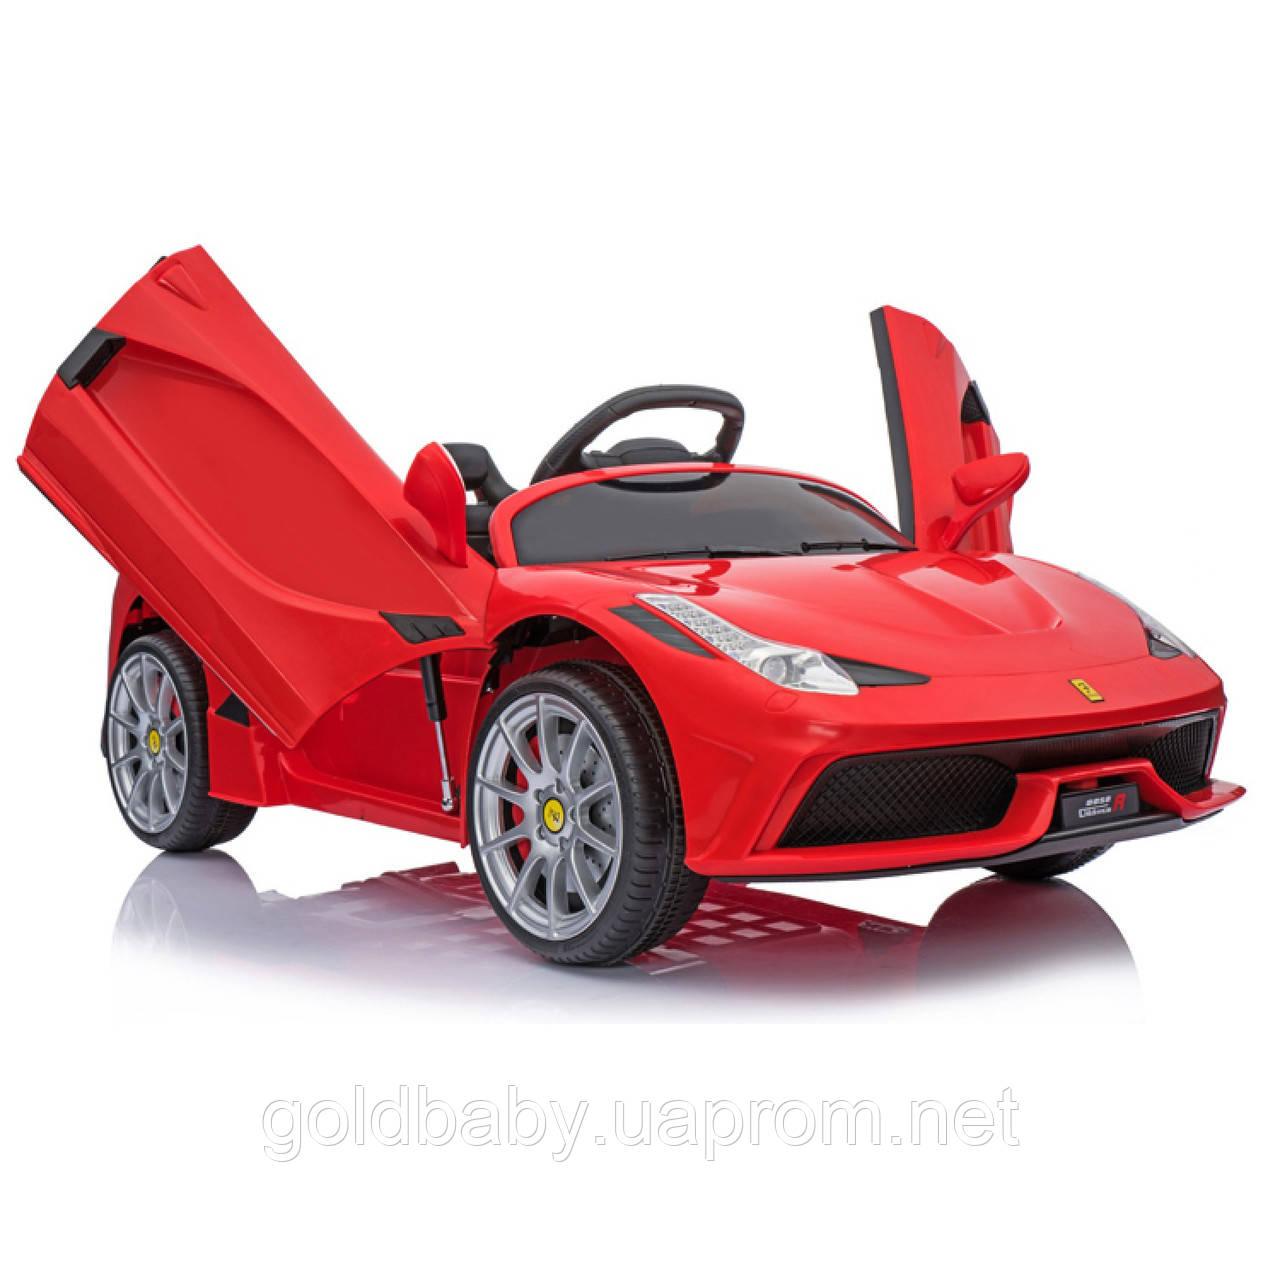 Детский электромобиль Ferrari 8858, красный, фото 1